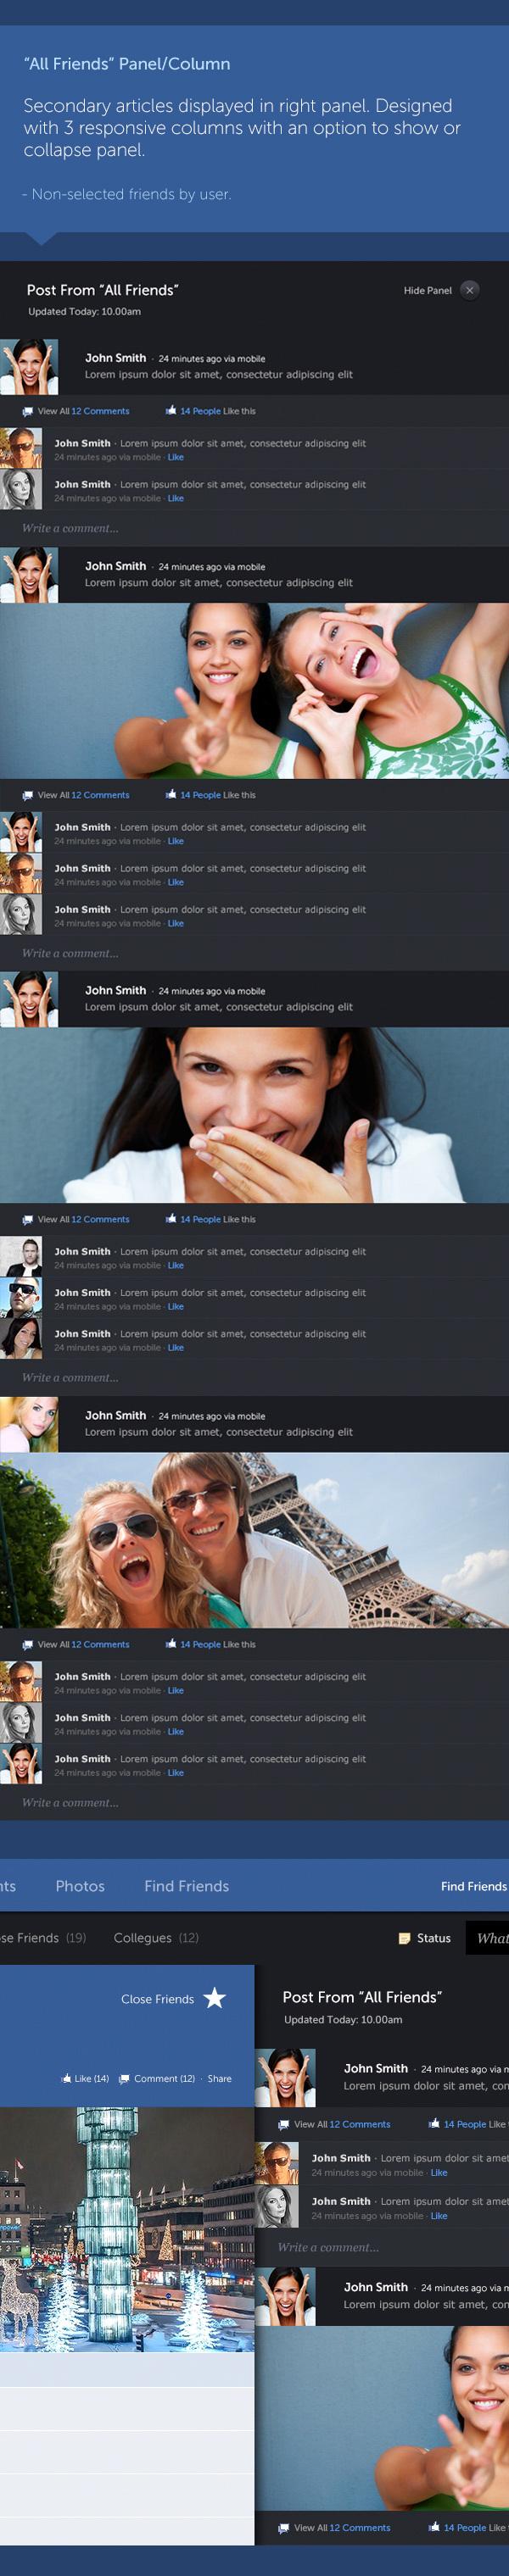 facebook-proposta-redesign-interface-04